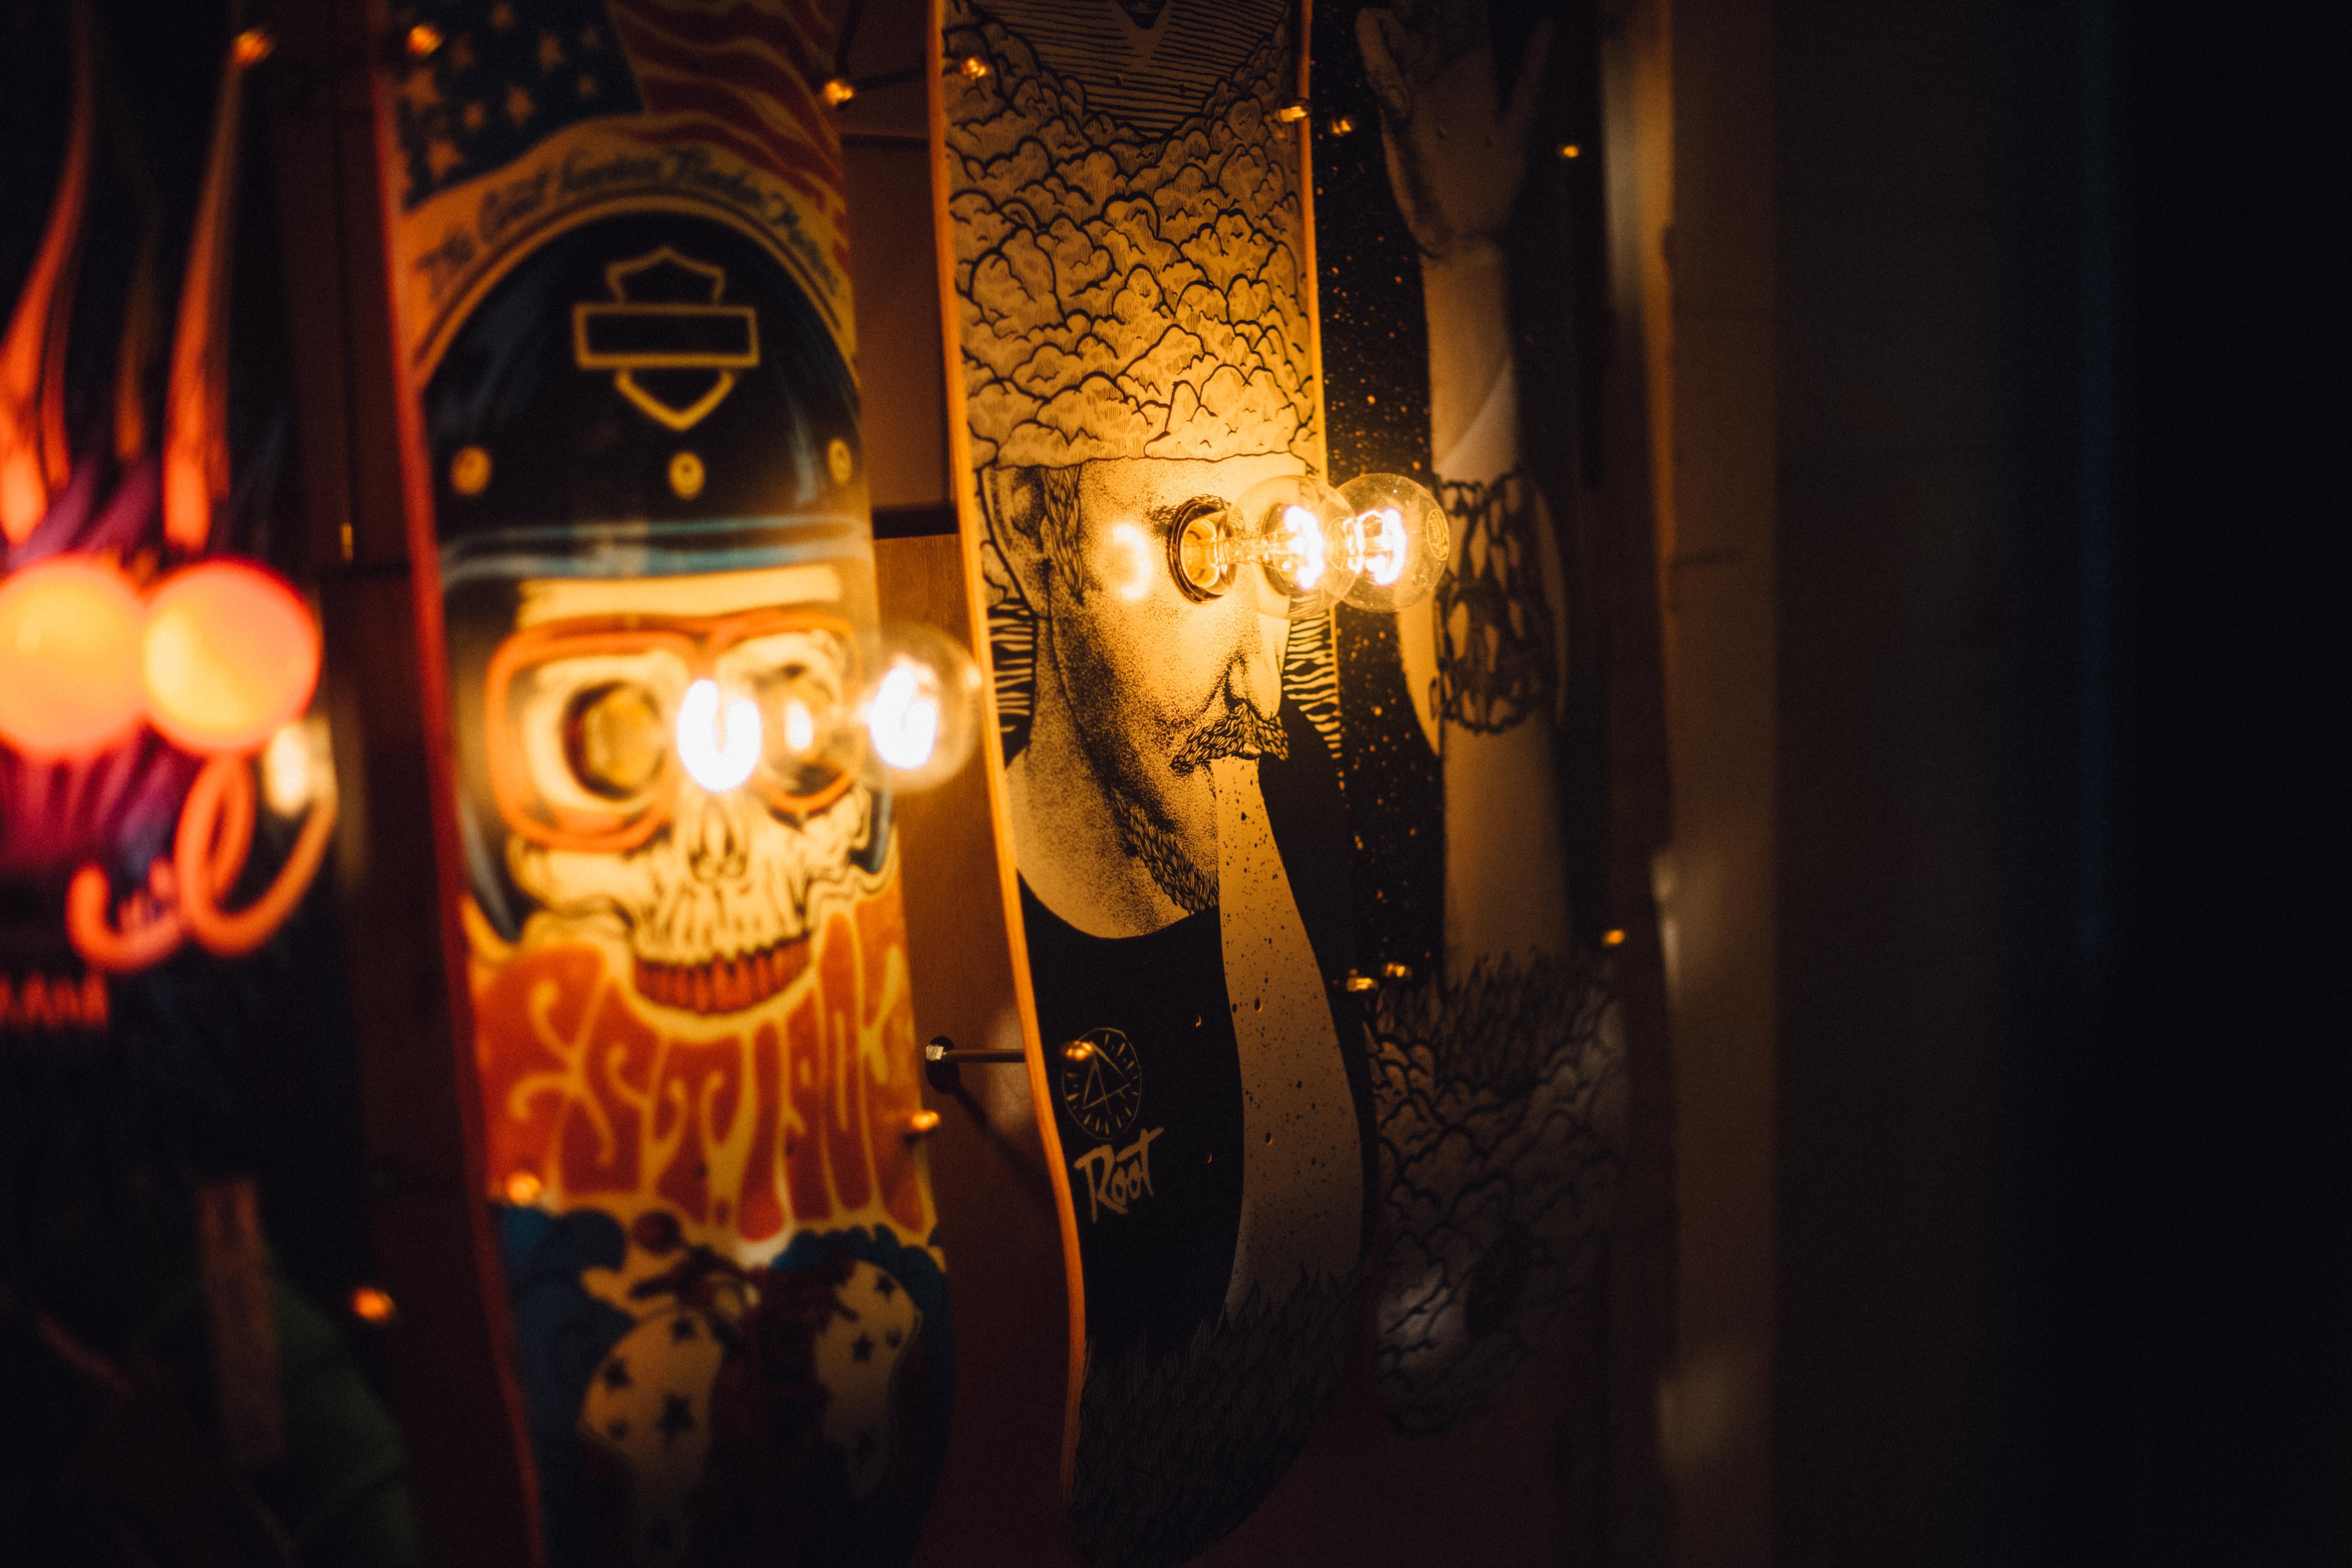 eddison skateboardlampe